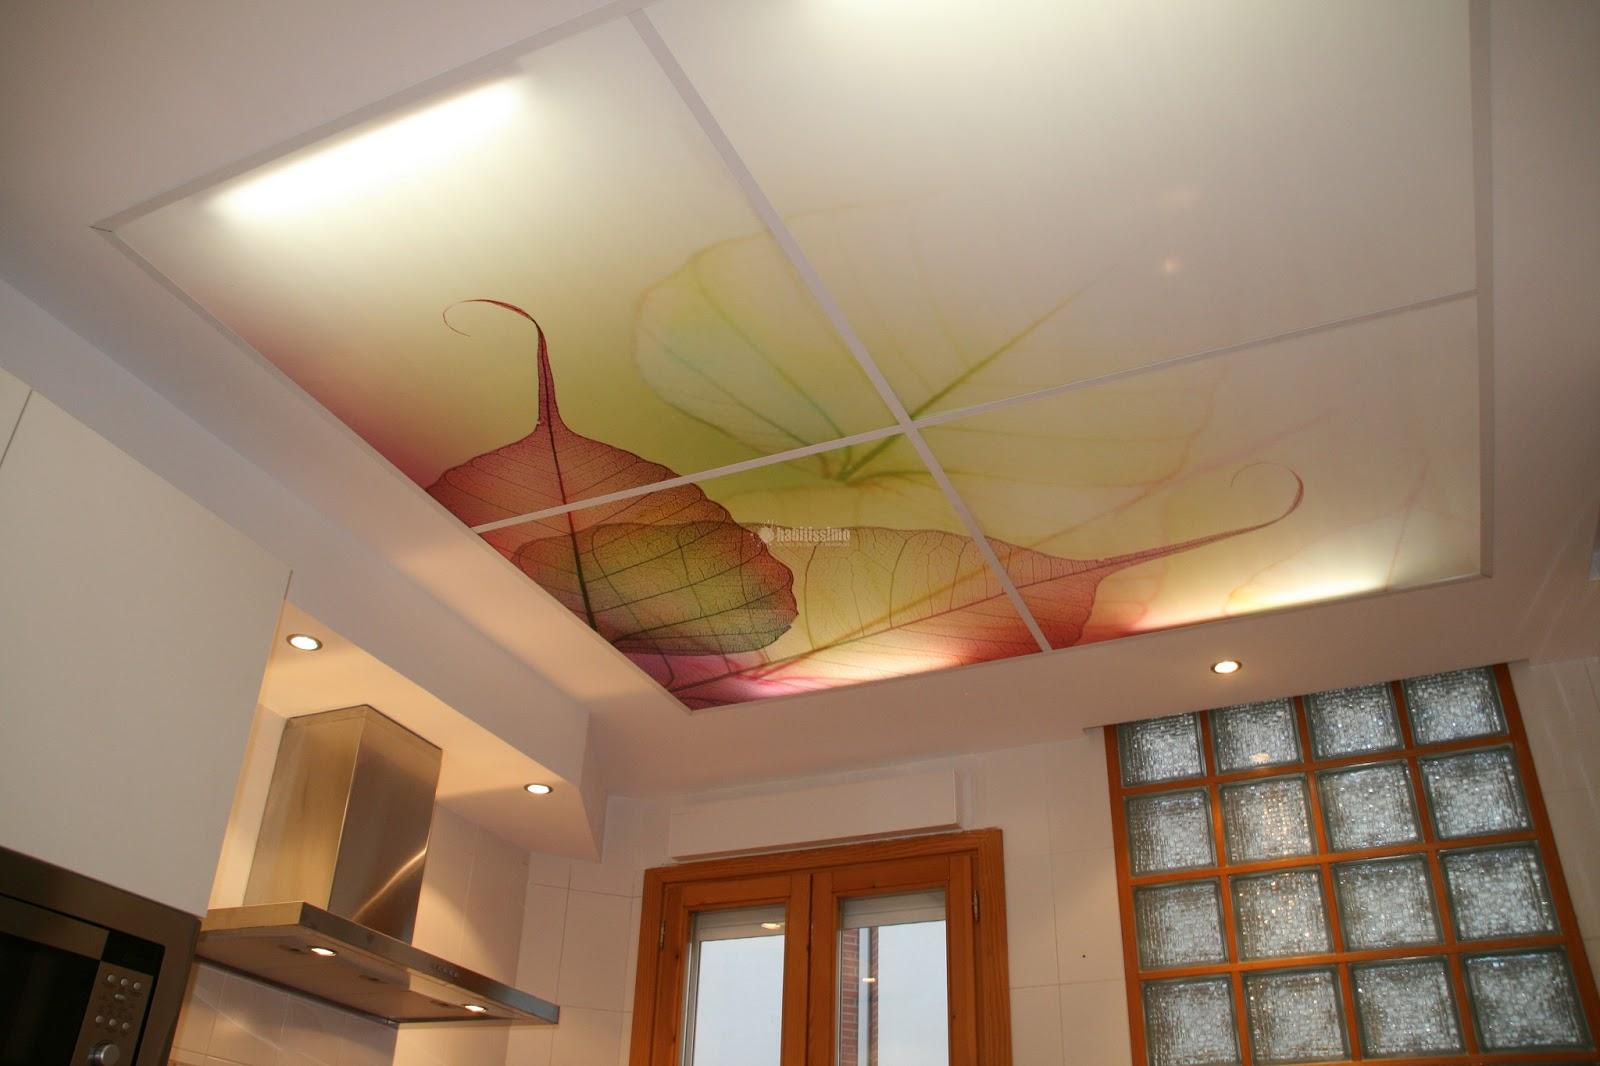 Pinturas y decoraci n 35 como pintar techo cocina - Como pintar techos ...